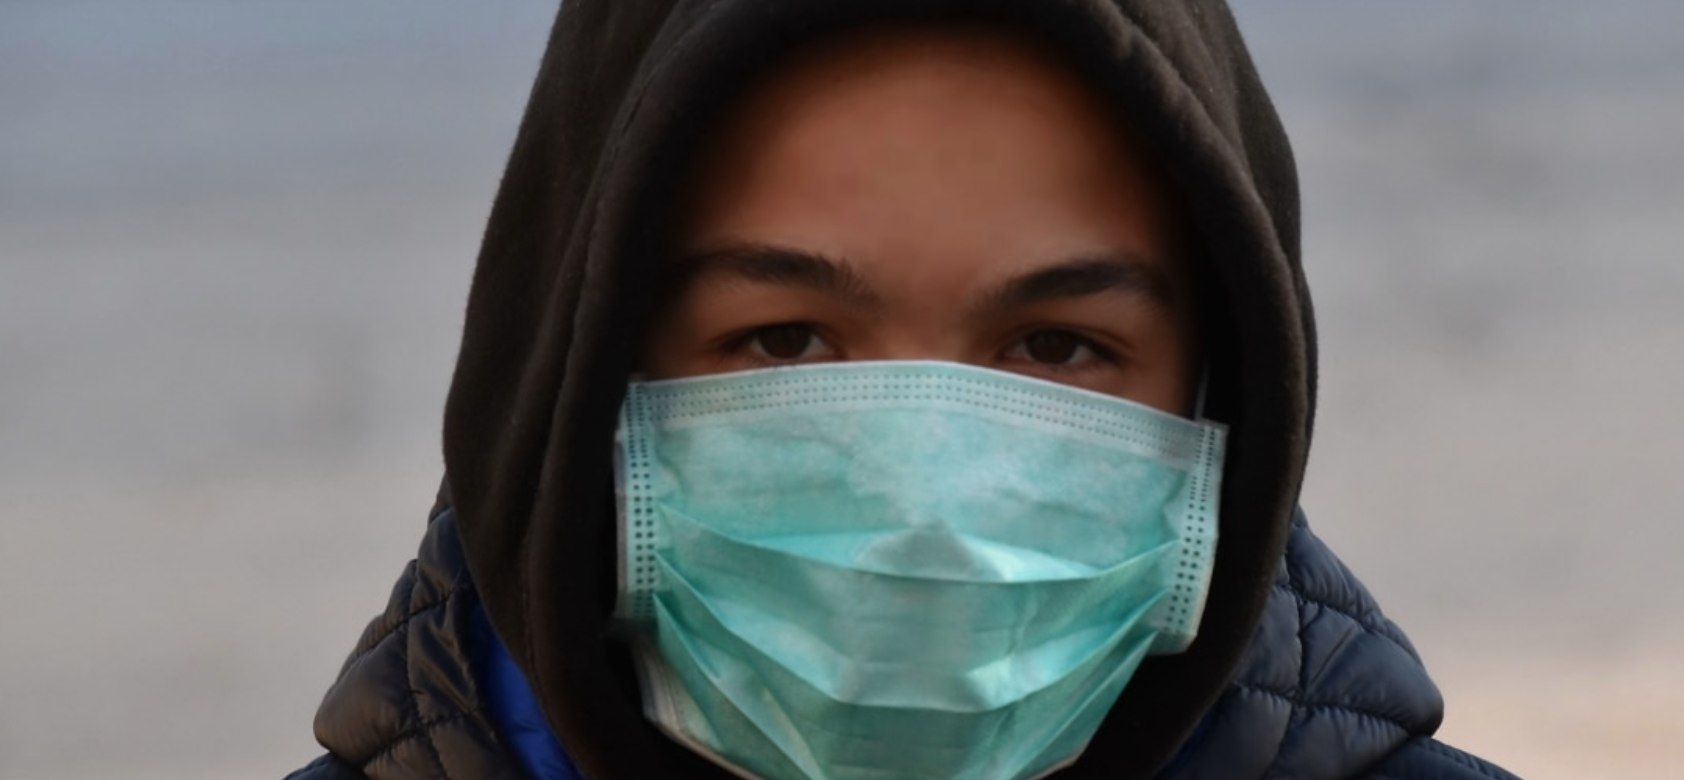 Tunisie : Quelle est la situation commerciale du pays avant le coronavirus ? Analyse